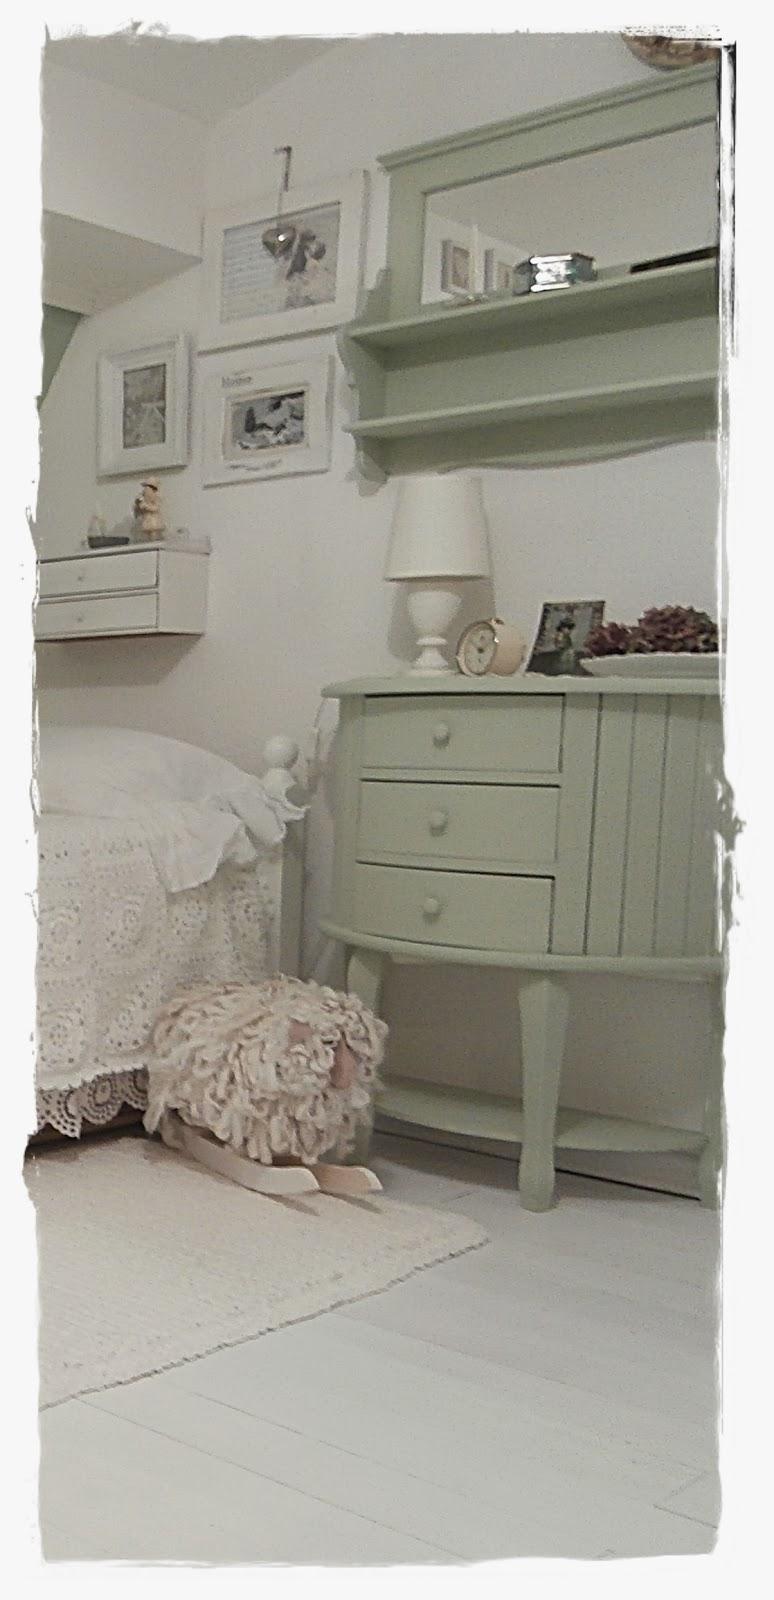 Grune wandfarbe muster 000739 neuesten ideen f r die dekoration ihres hauses - Shabby wohnzimmer grun ...